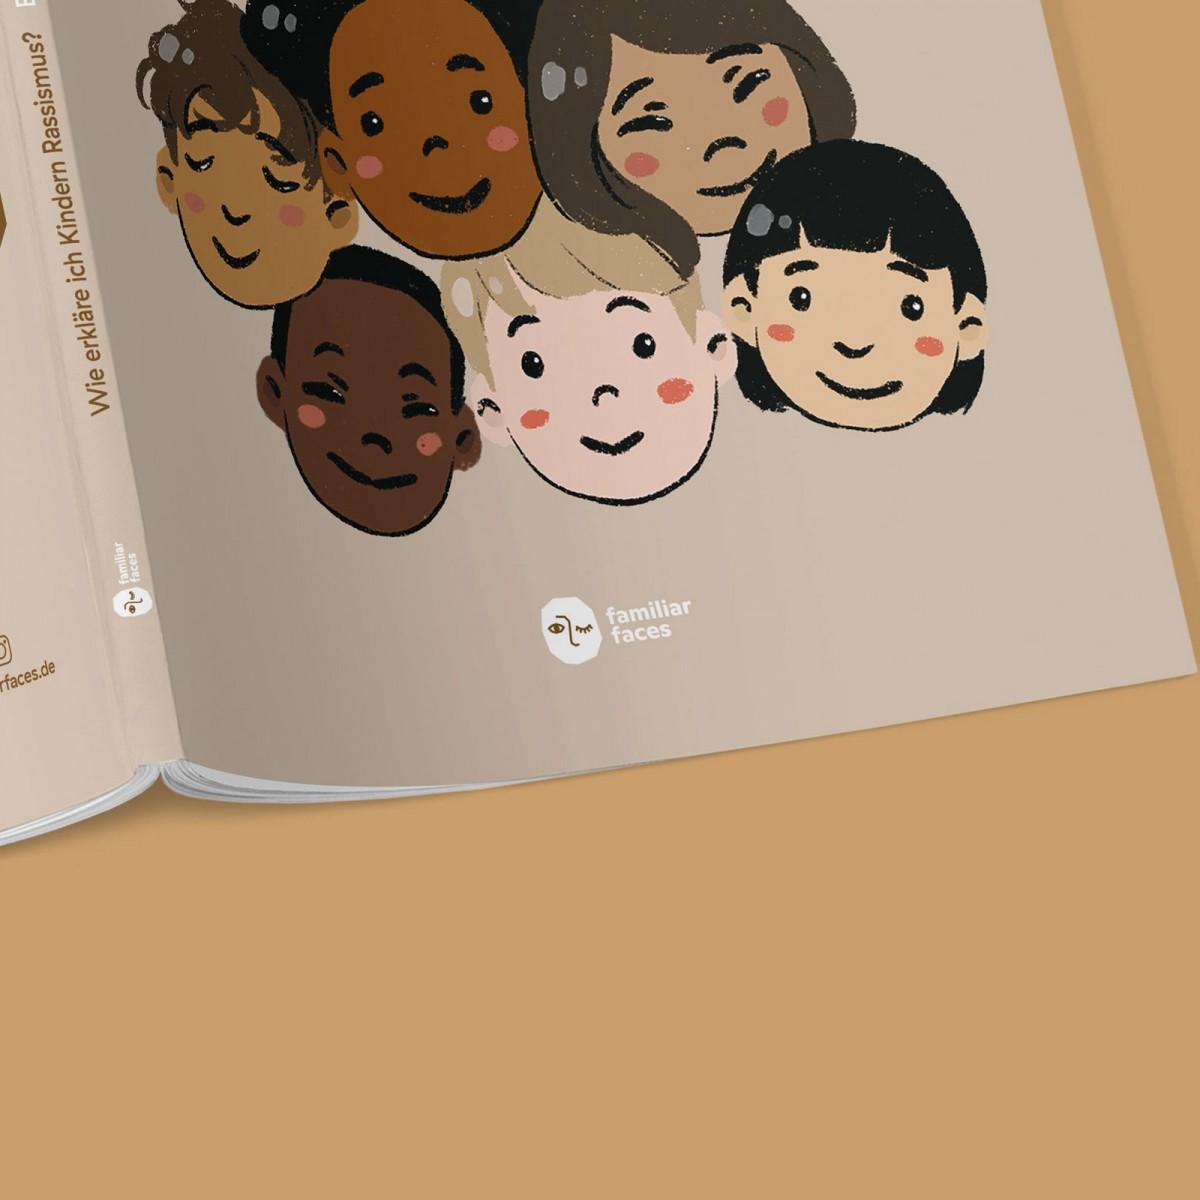 Wie erkläre ich Kindern Rassismus? Ein Leitfaden.